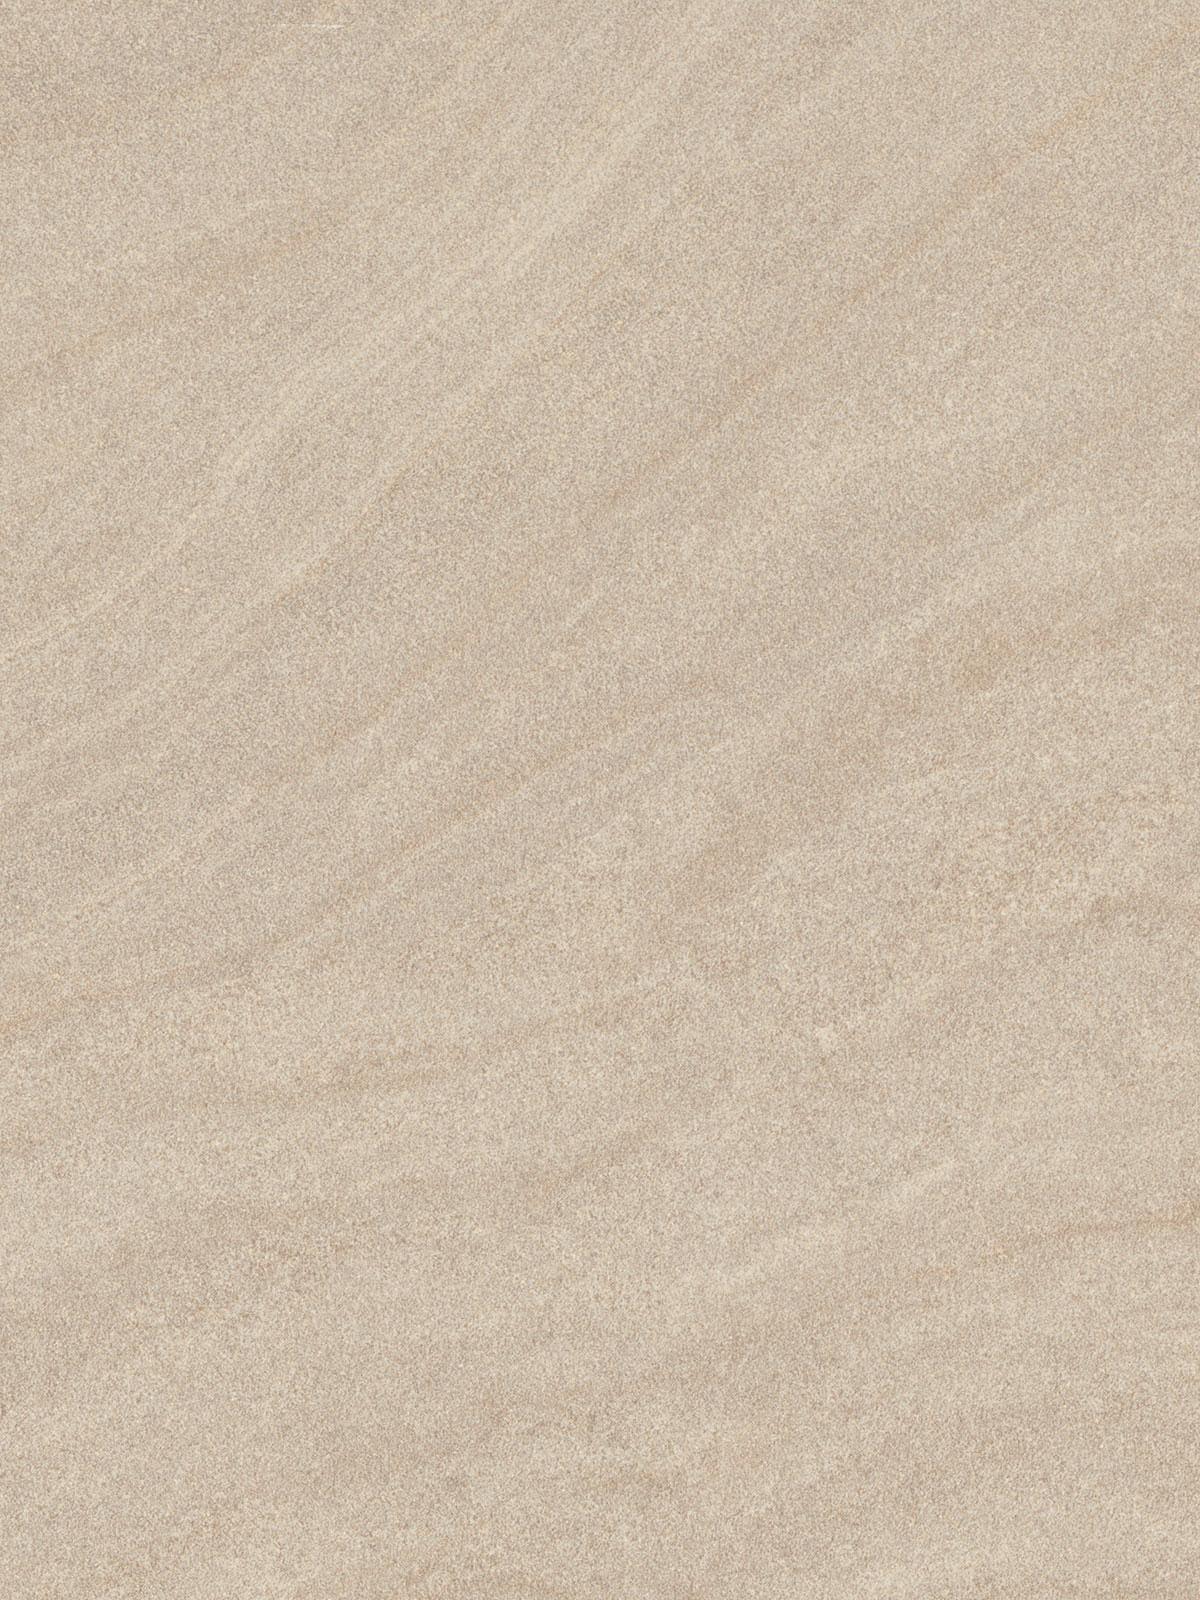 APLA Küchenarbeitsplatten GmbH 3510 Sahara beige